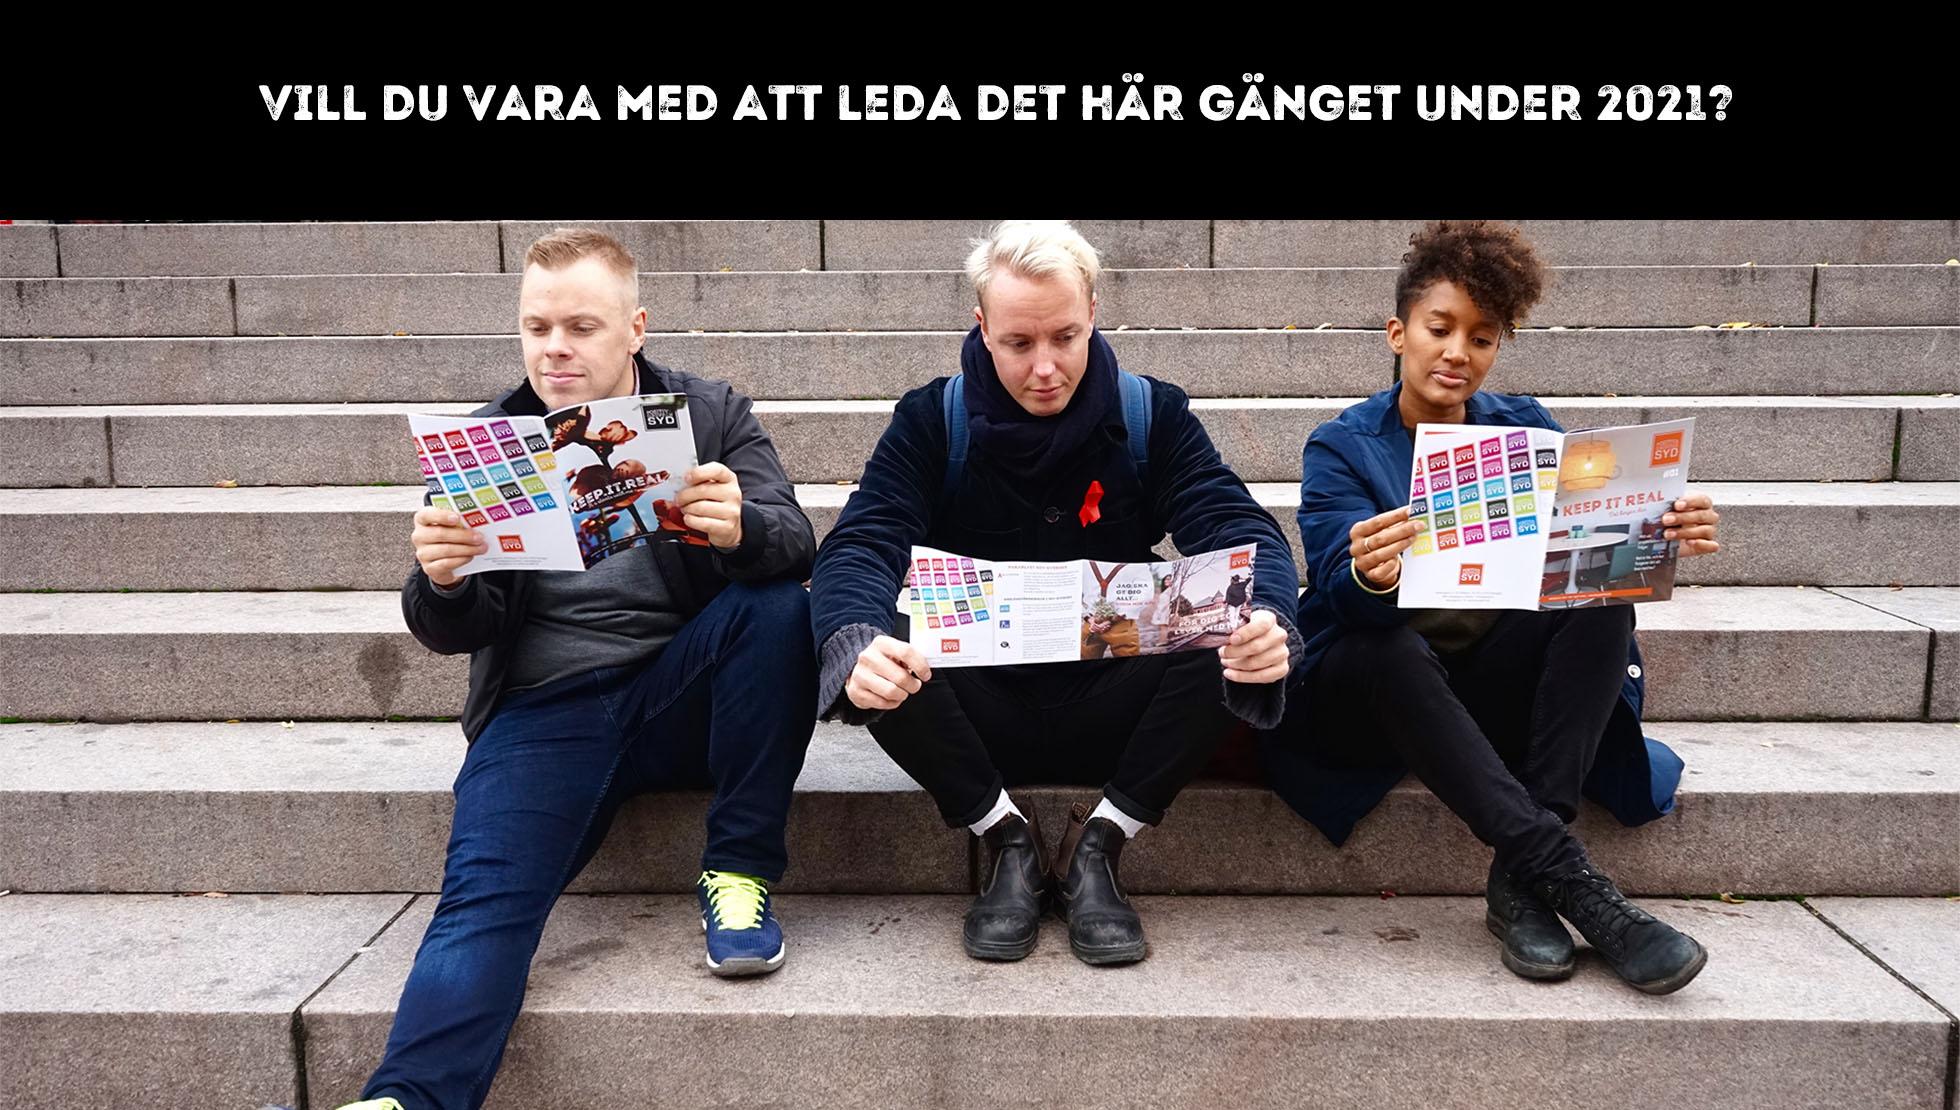 Ta chansen! Nominera till Positiva Gruppen Syds styrelse och påverka arbetet med hiv i södra Sverige!